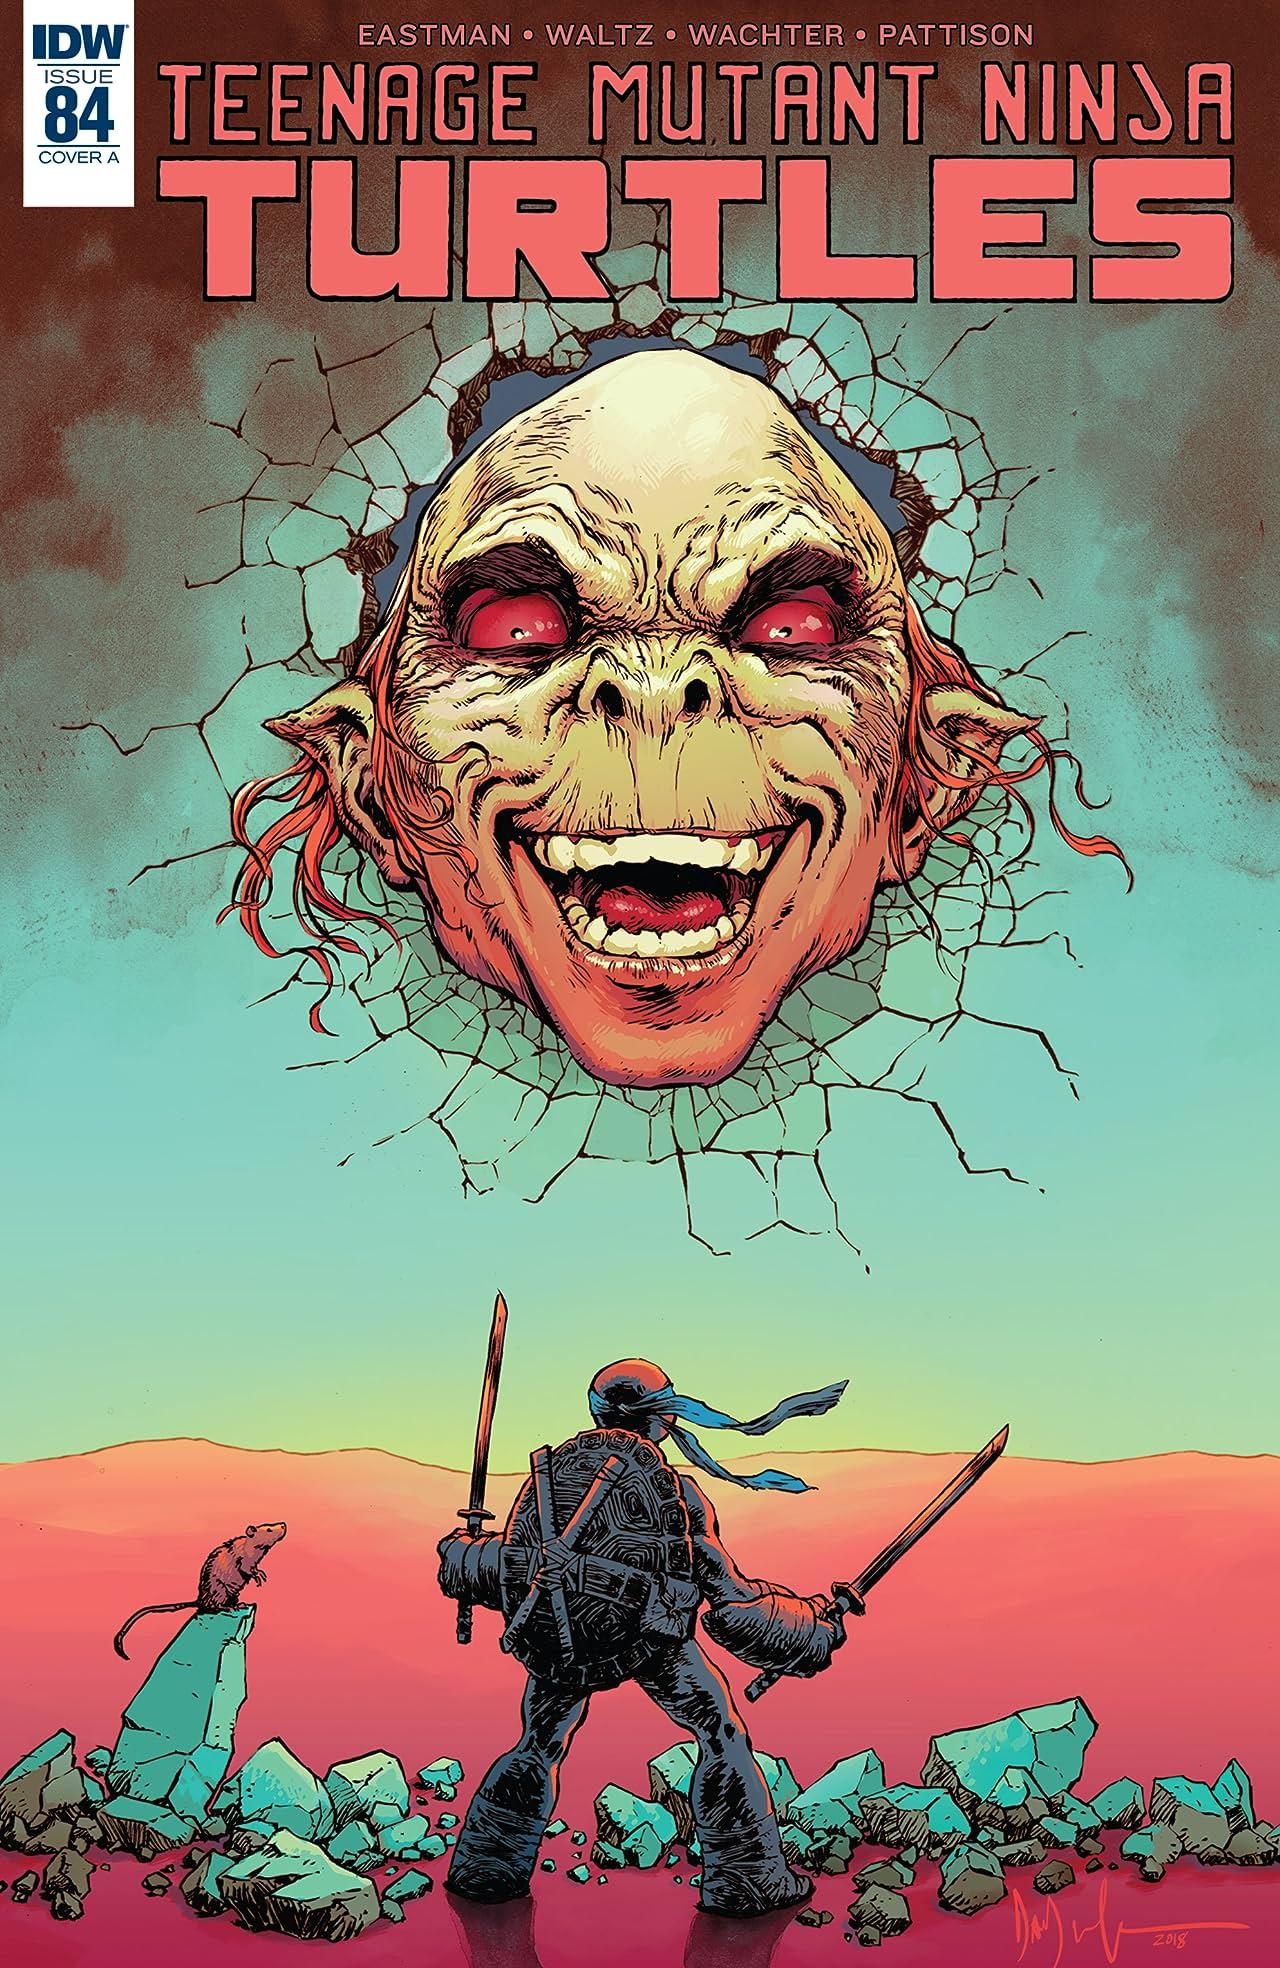 Teenage Mutant Ninja Turtles #84